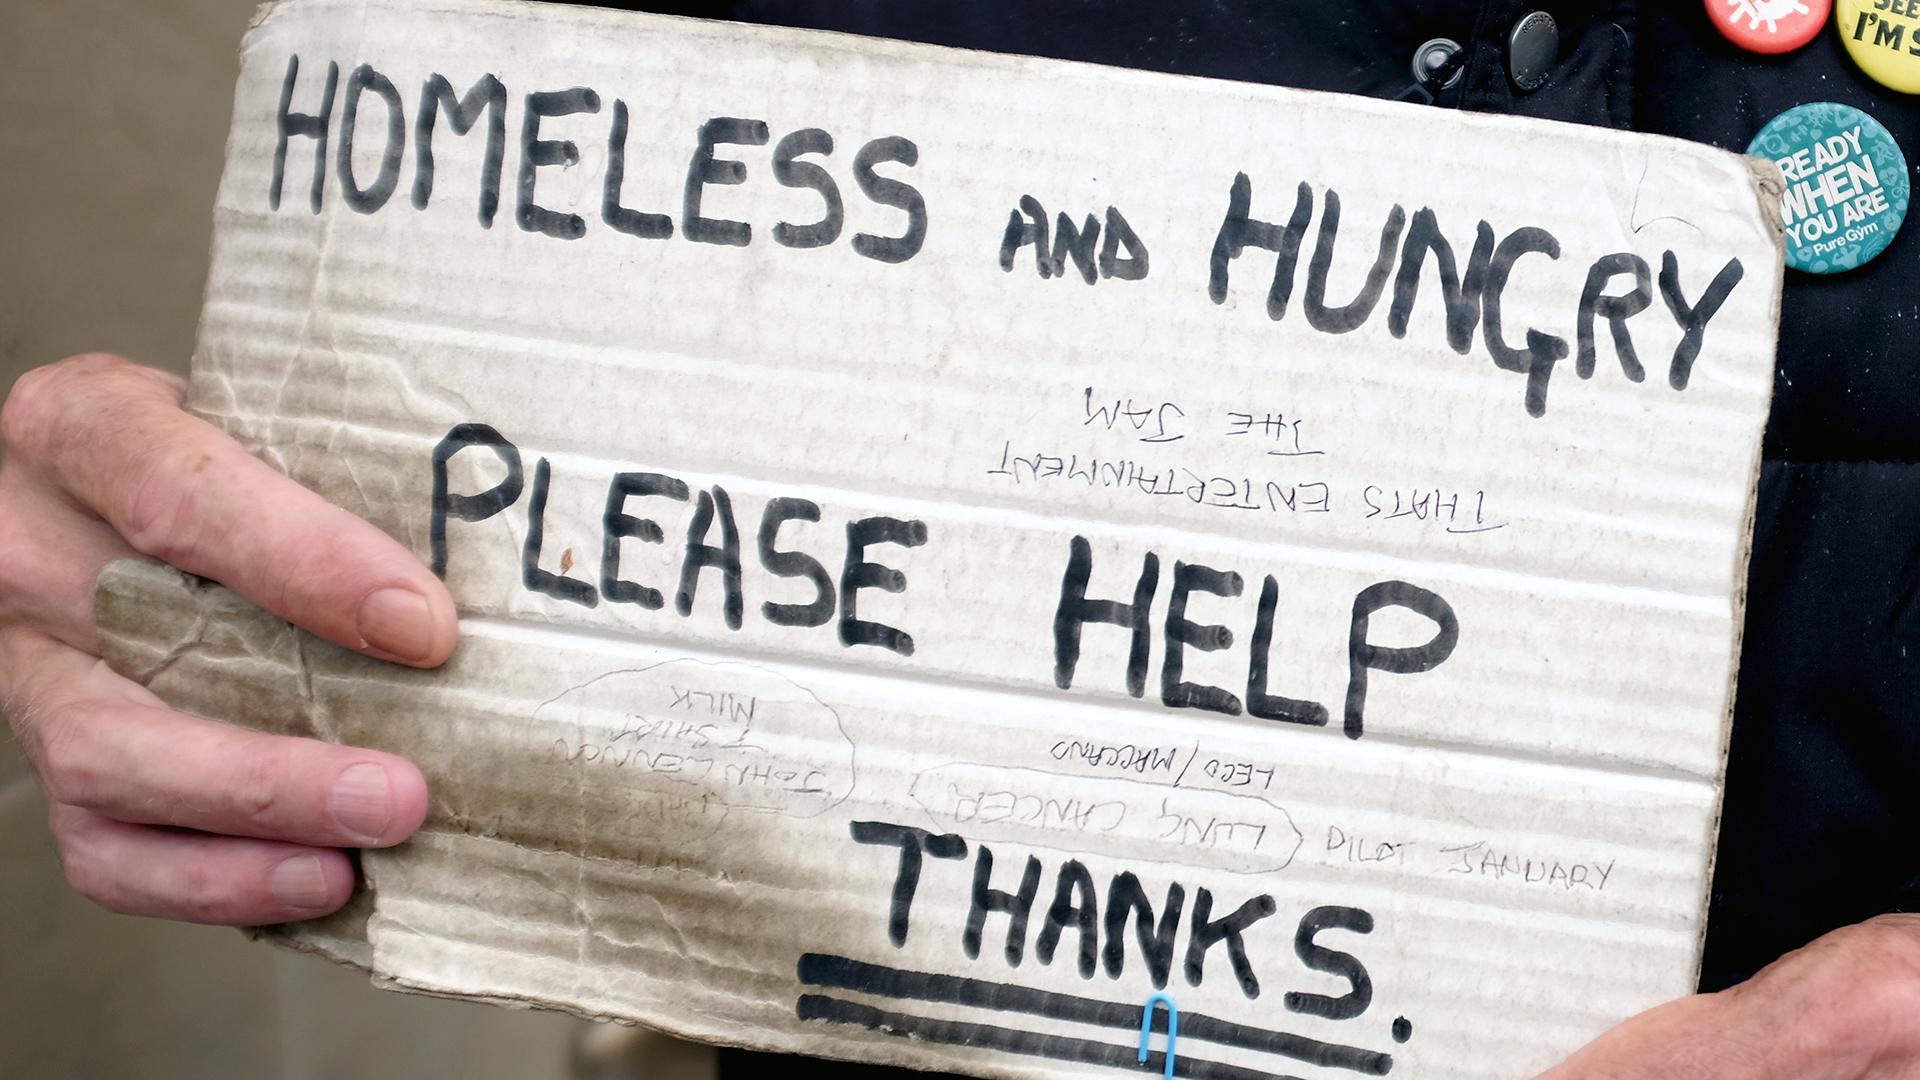 Holding a homeless sign-159532.jpg25022004